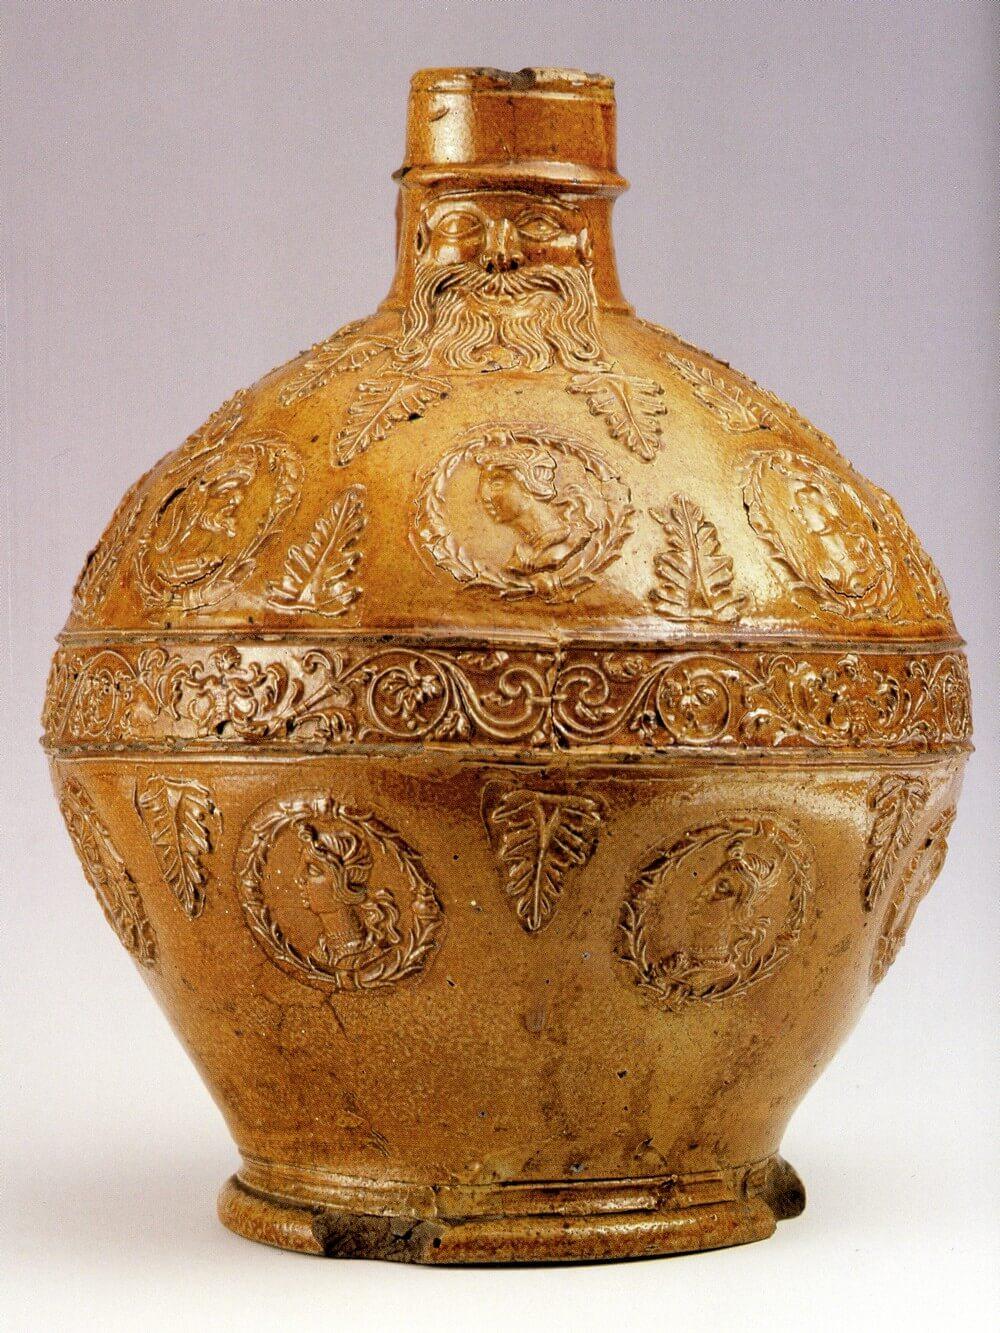 Brązowy, pękaty dzban, bogato dekorowany; na krótkiej szyjce naczynia widać wizerunek brodacza.